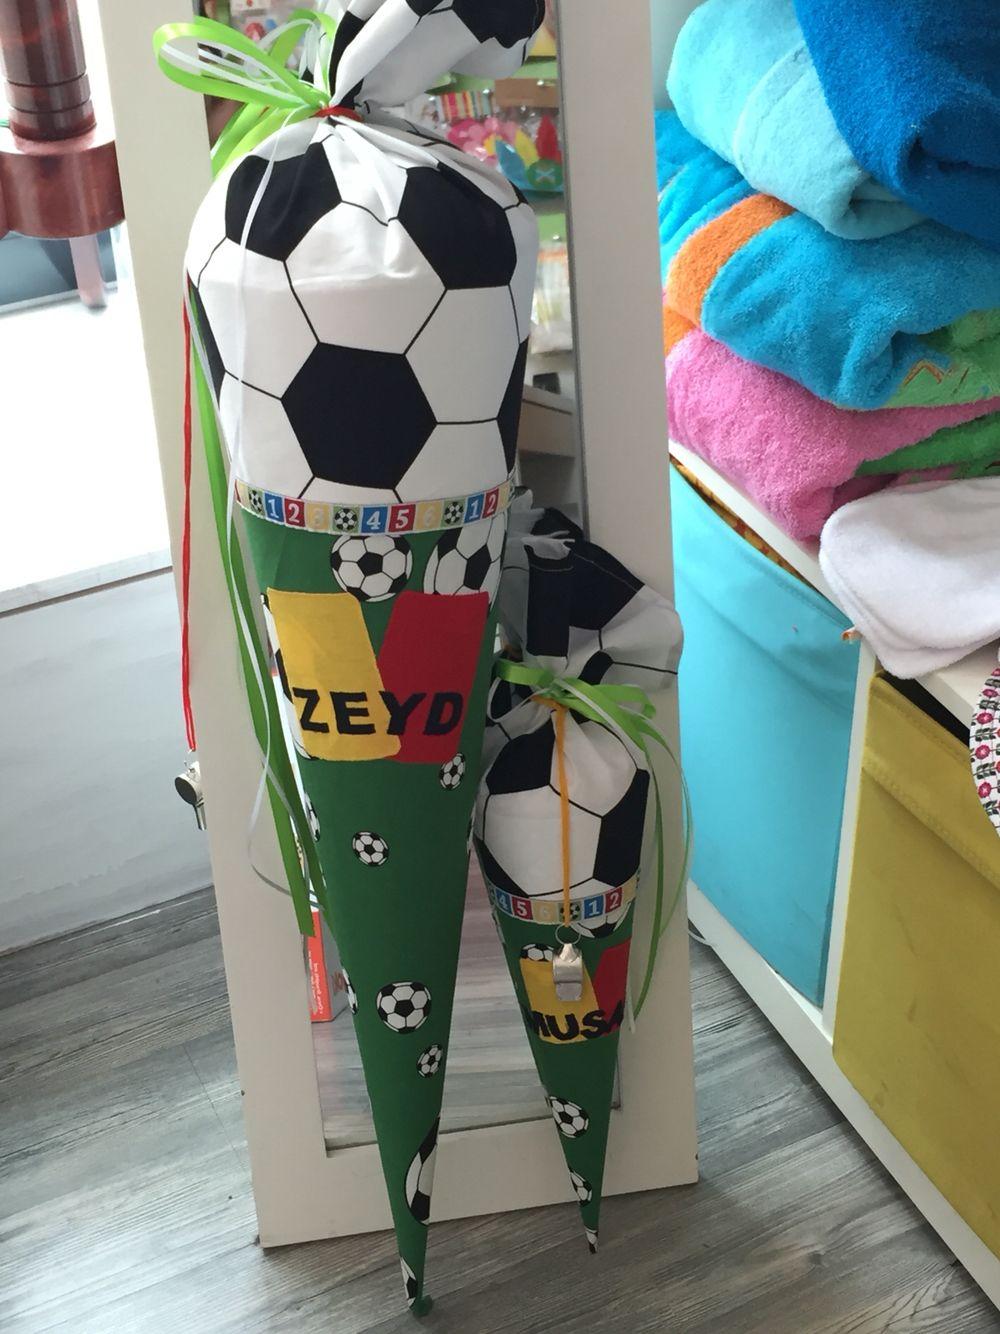 Schultüte Fußball grün Schultüte fußball, Schultüte